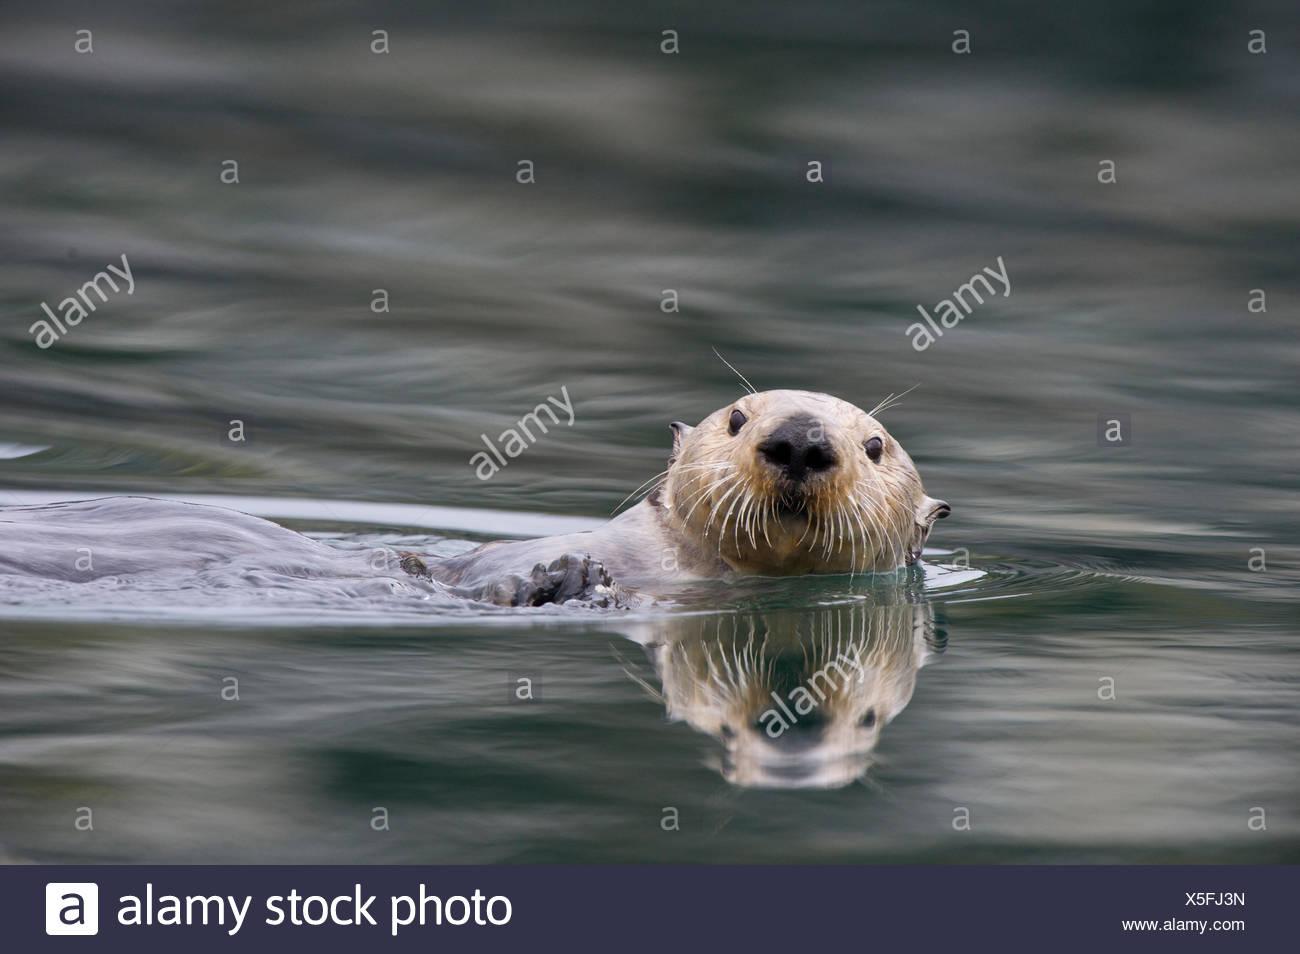 Ein Seeotter schwimmt in den Gewässern Alaskas. Stockbild